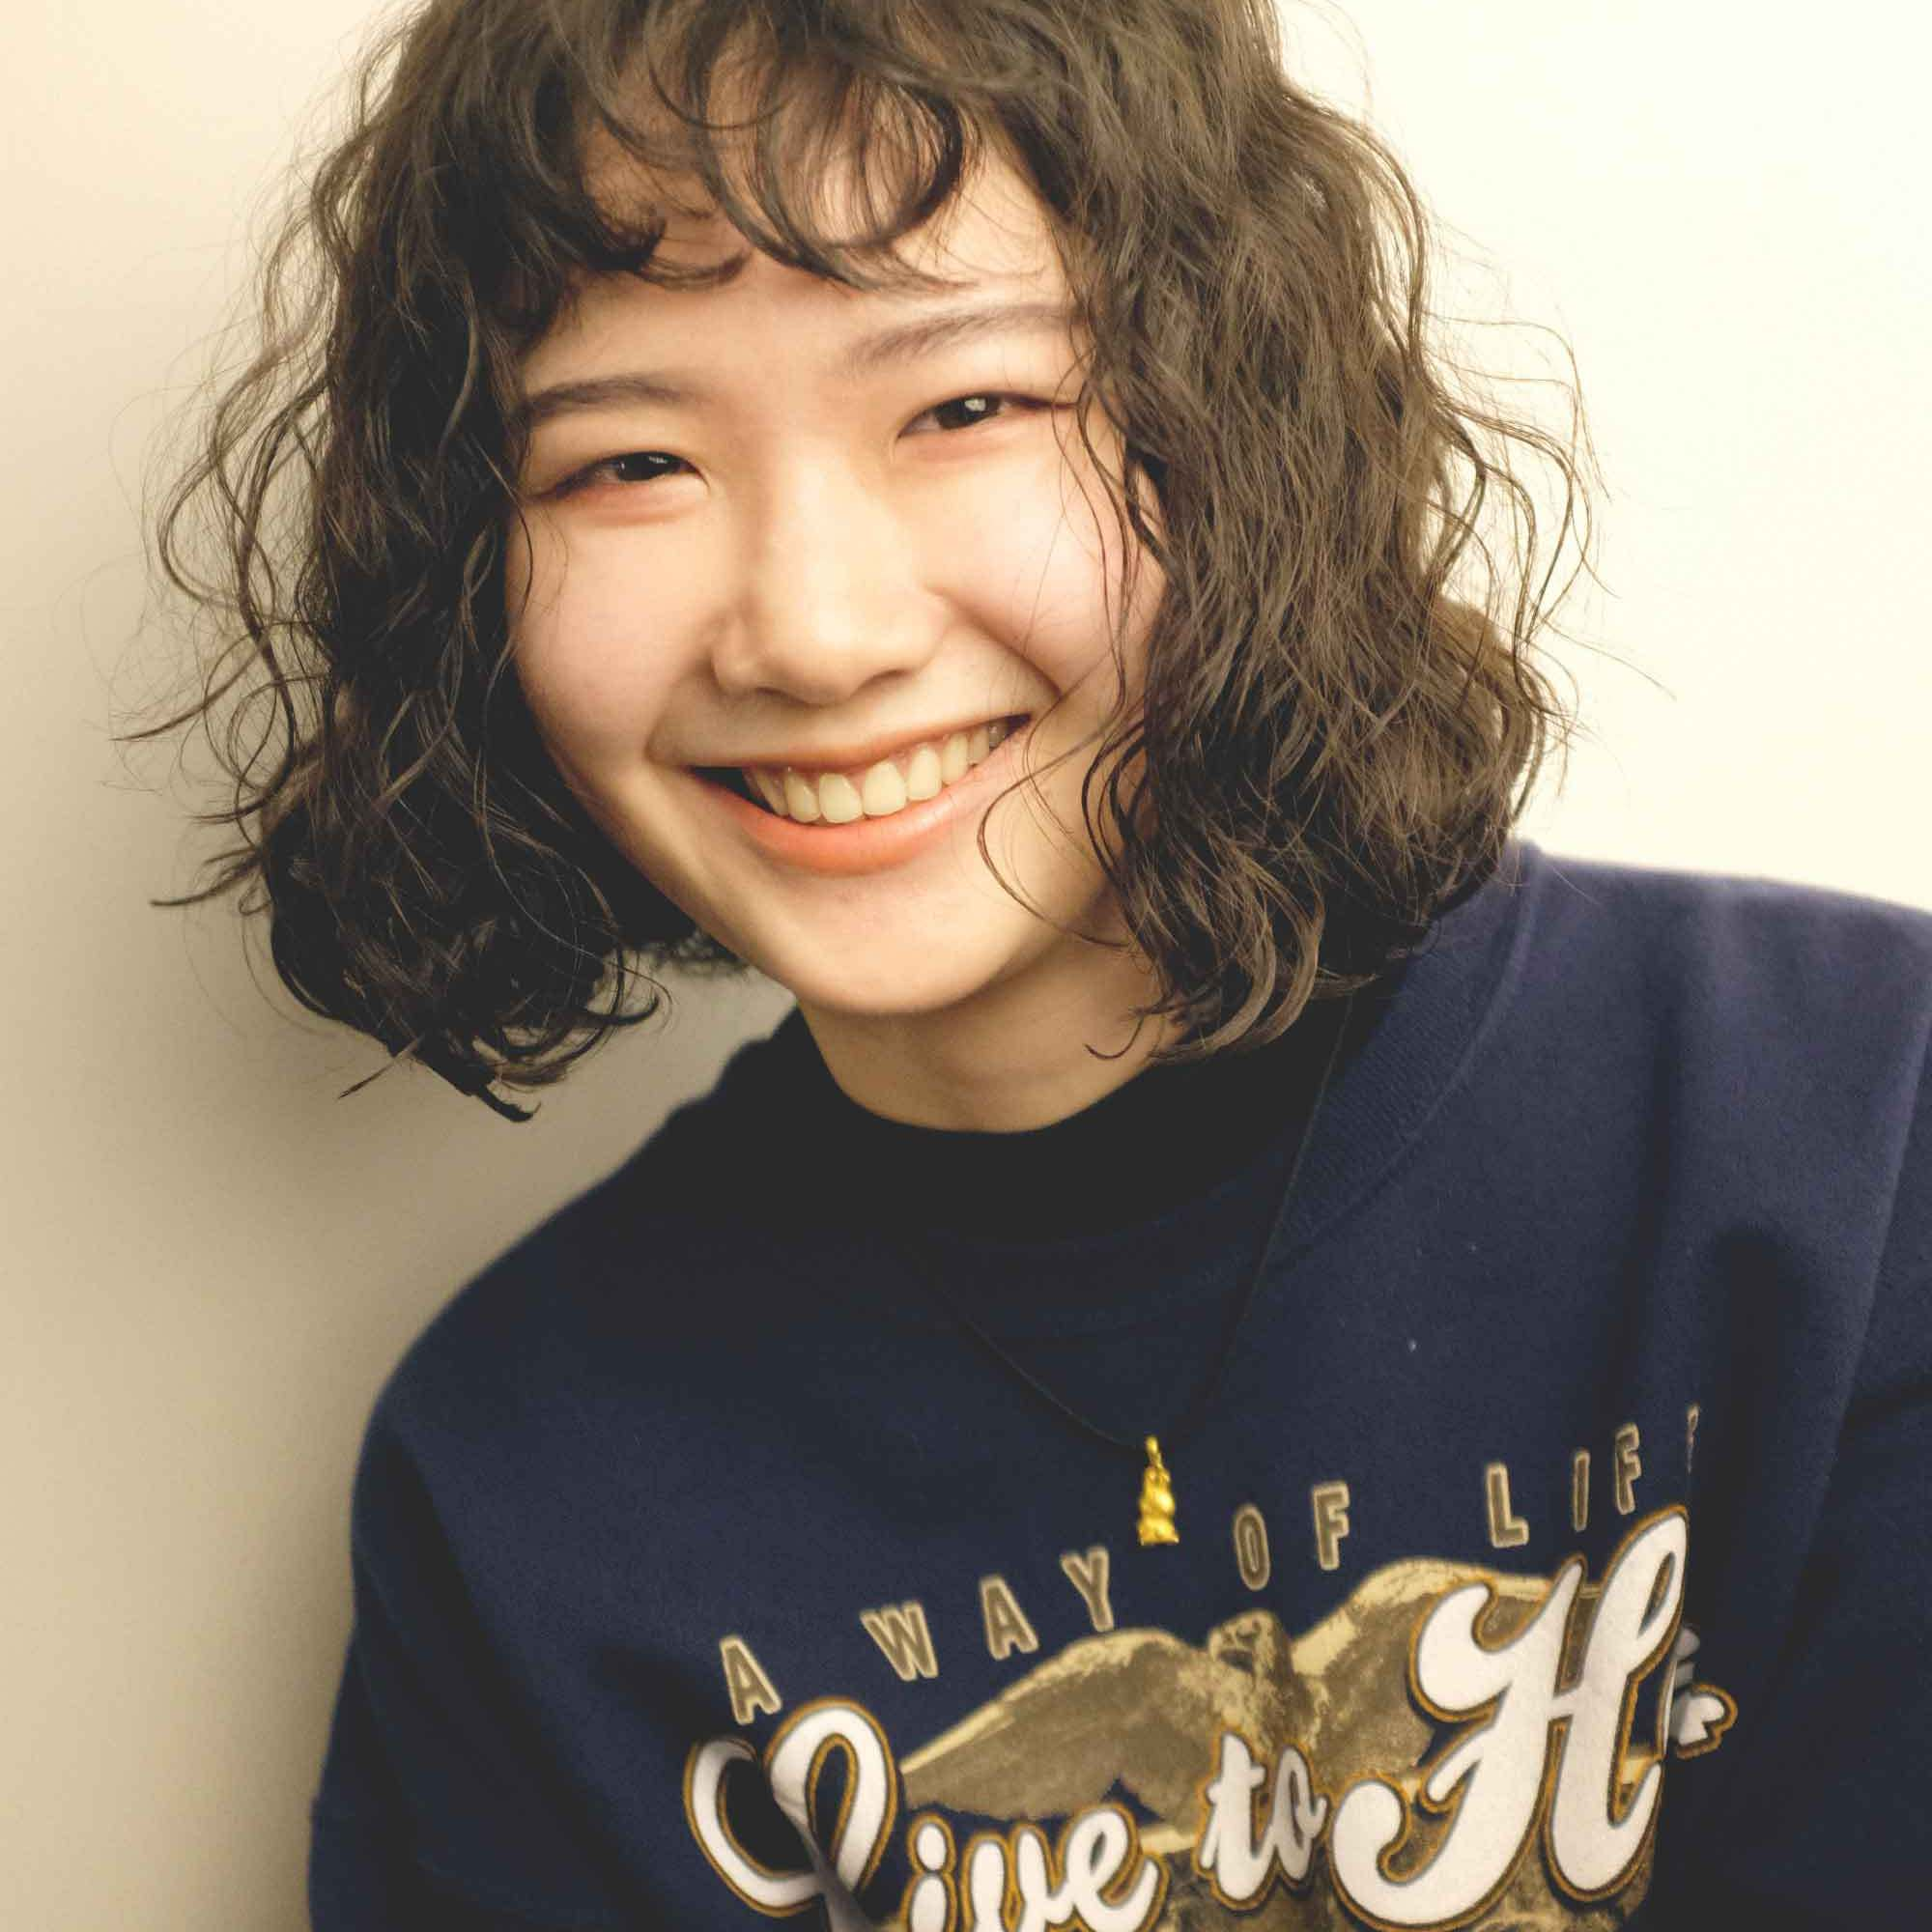 台北士林 剪髮 / 燙髮 / 染髮 推薦 19